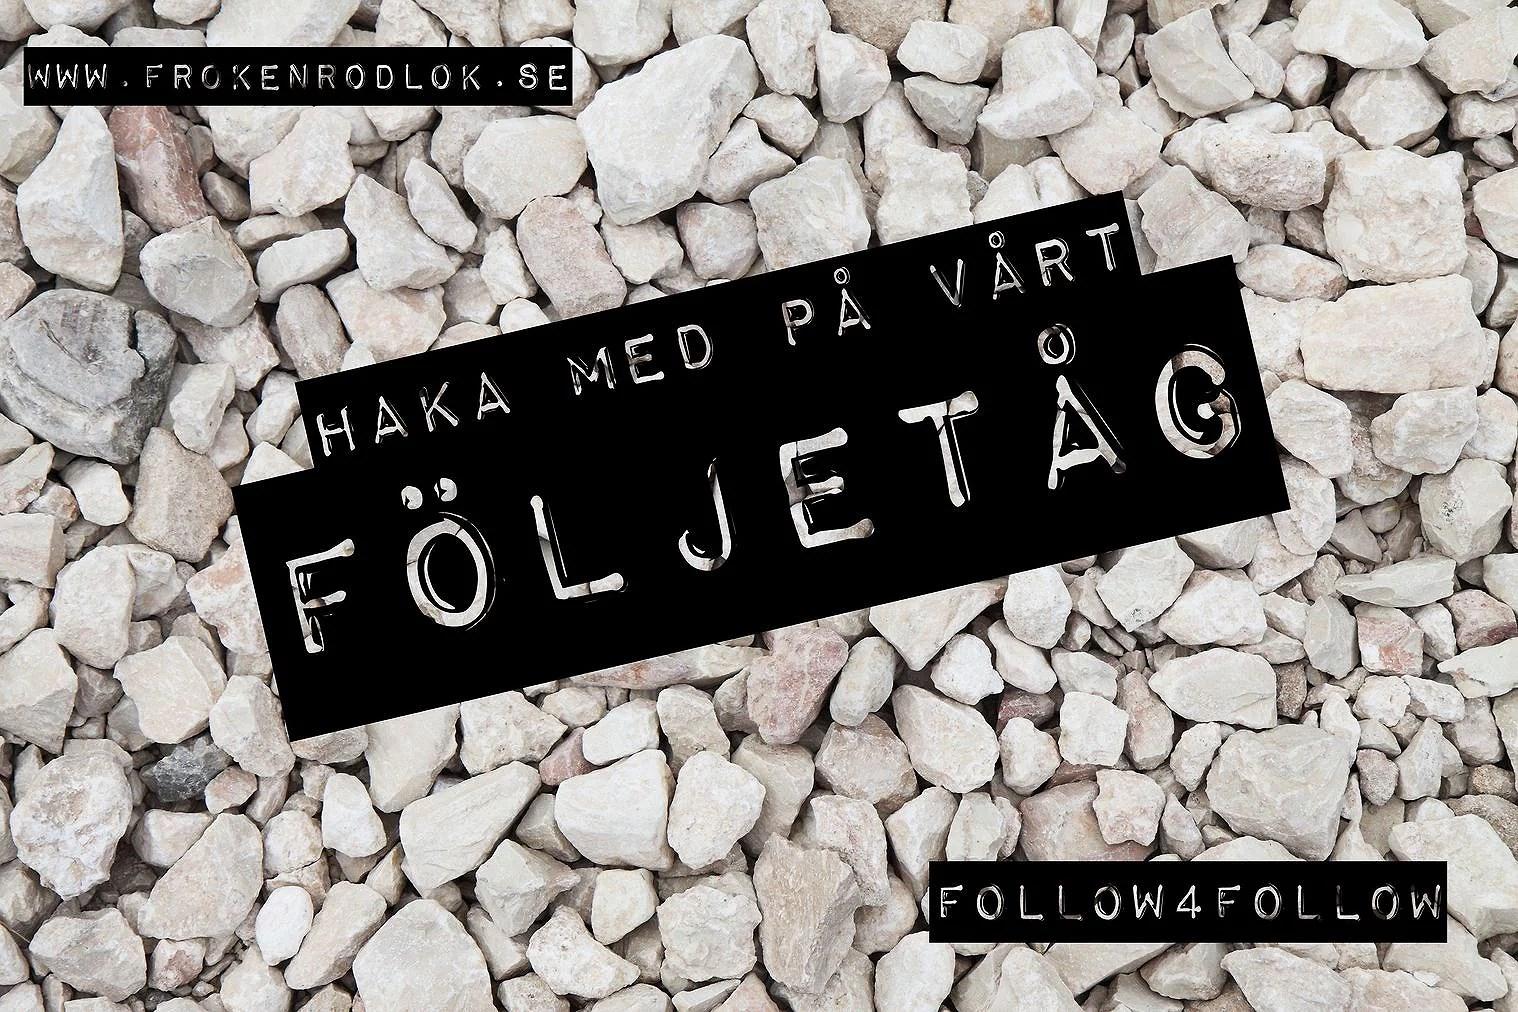 Följ oss och få fler följare själv - följetåg!